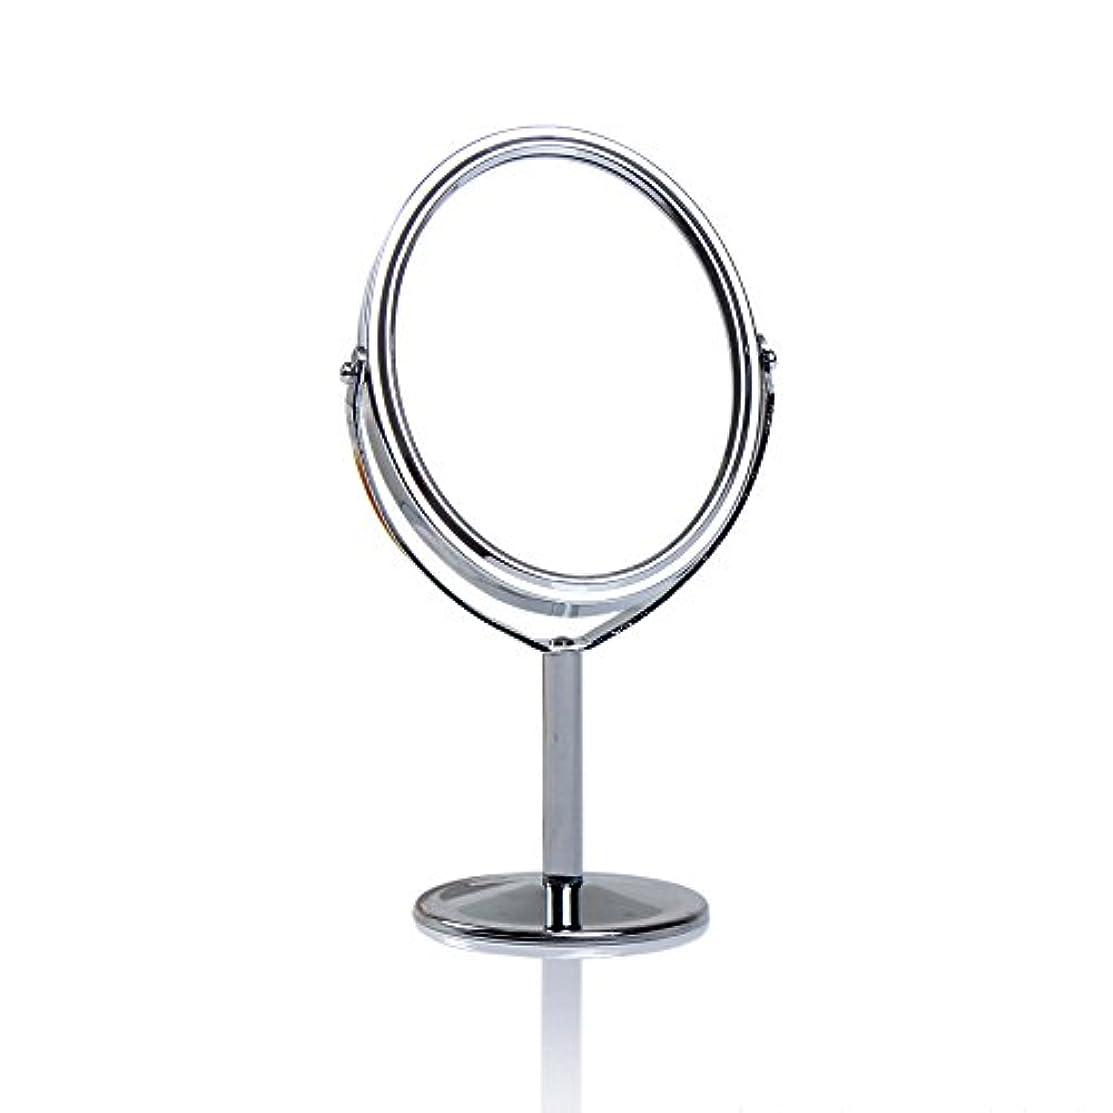 副産物谷キャストDream 化粧鏡 両面 化粧ミラー 美容鏡 卓上鏡 浴室鏡 女優ミラー 防水 (B)